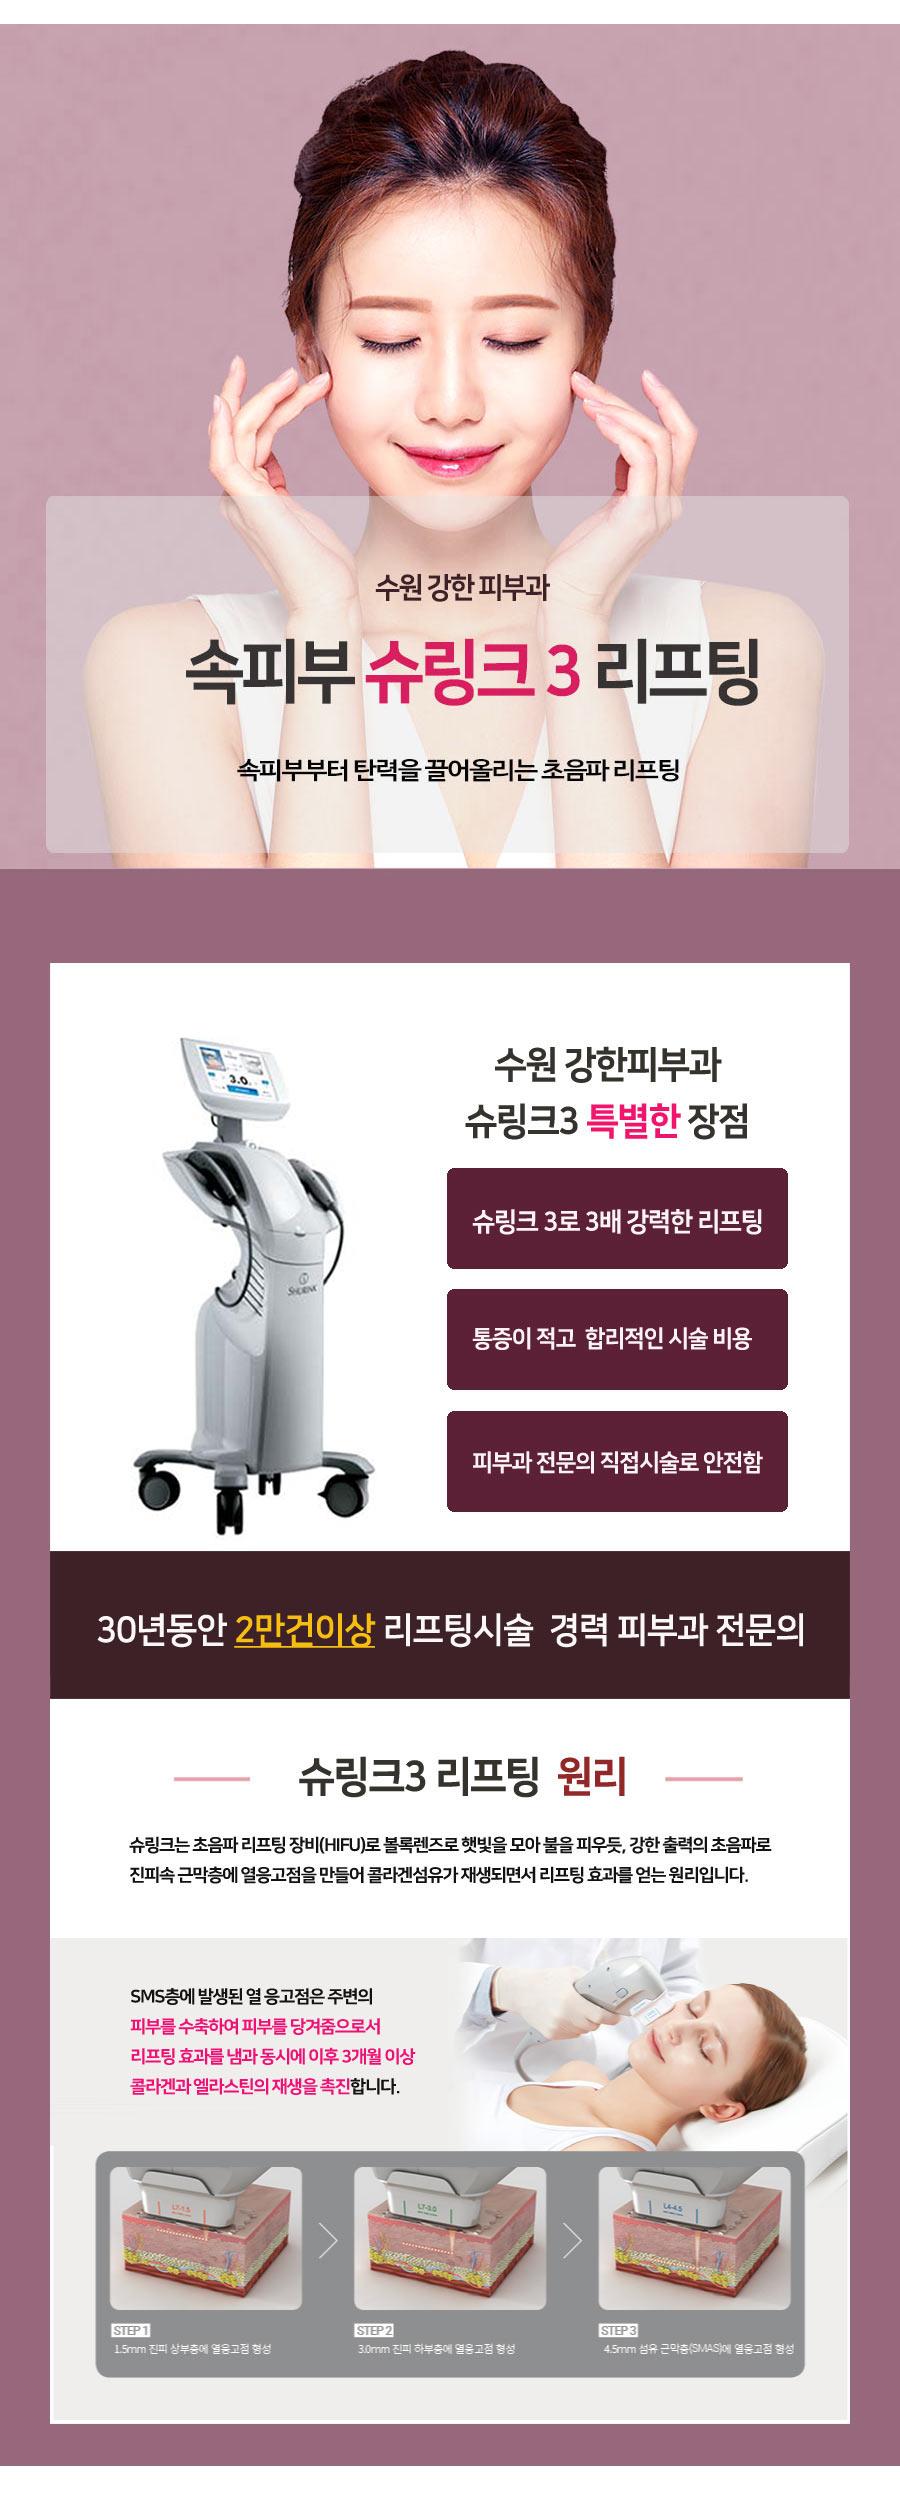 수원 슈링크 치료